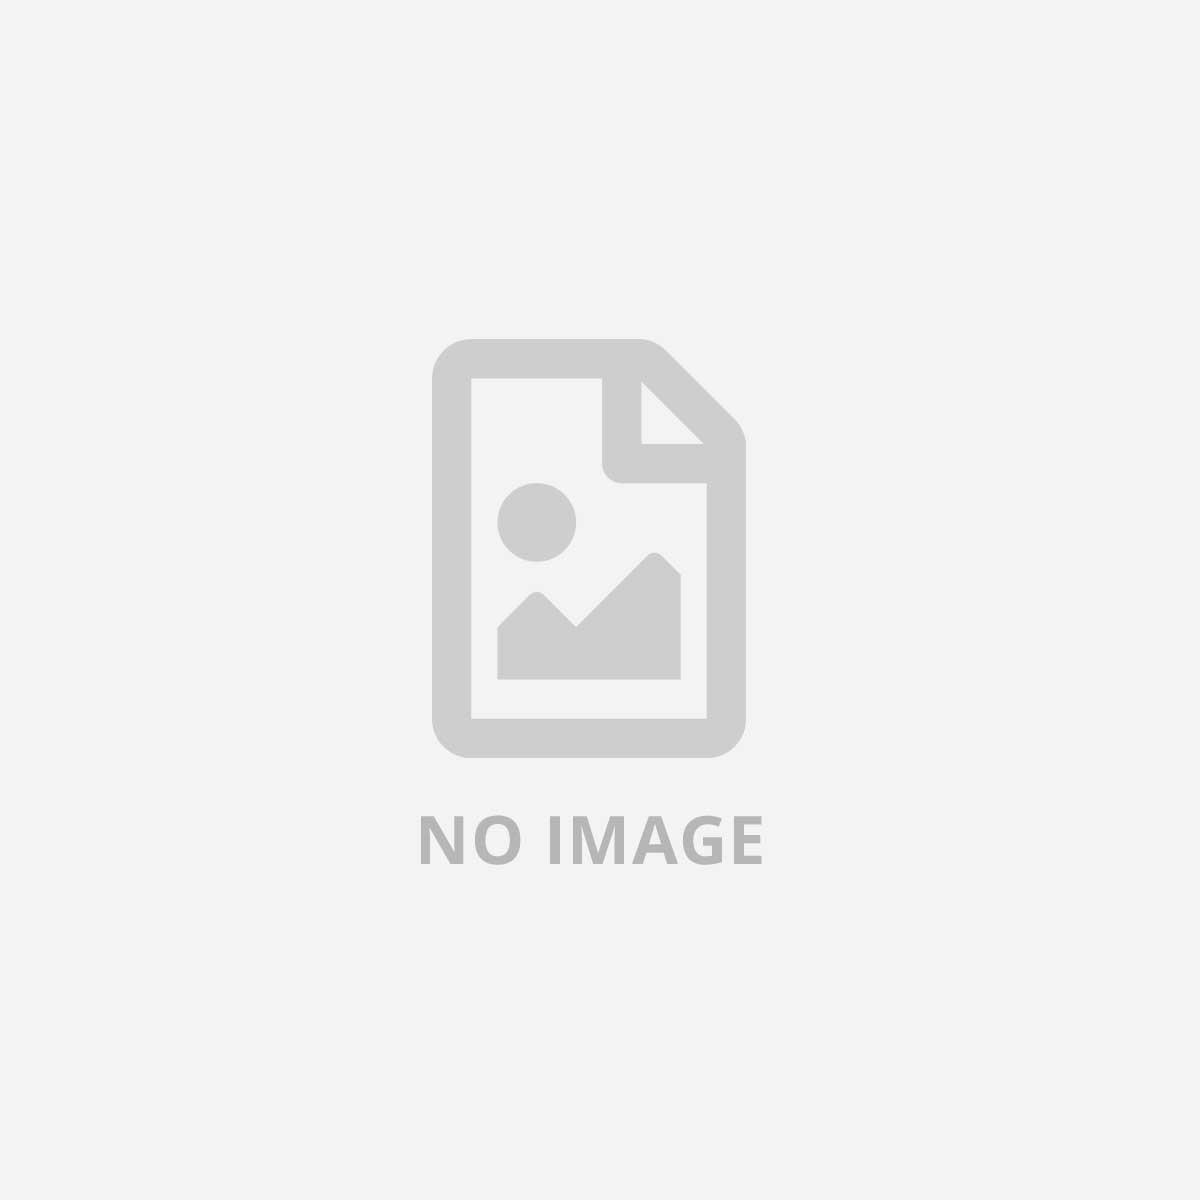 KAERCHER DETERGENTE AUTO 1L